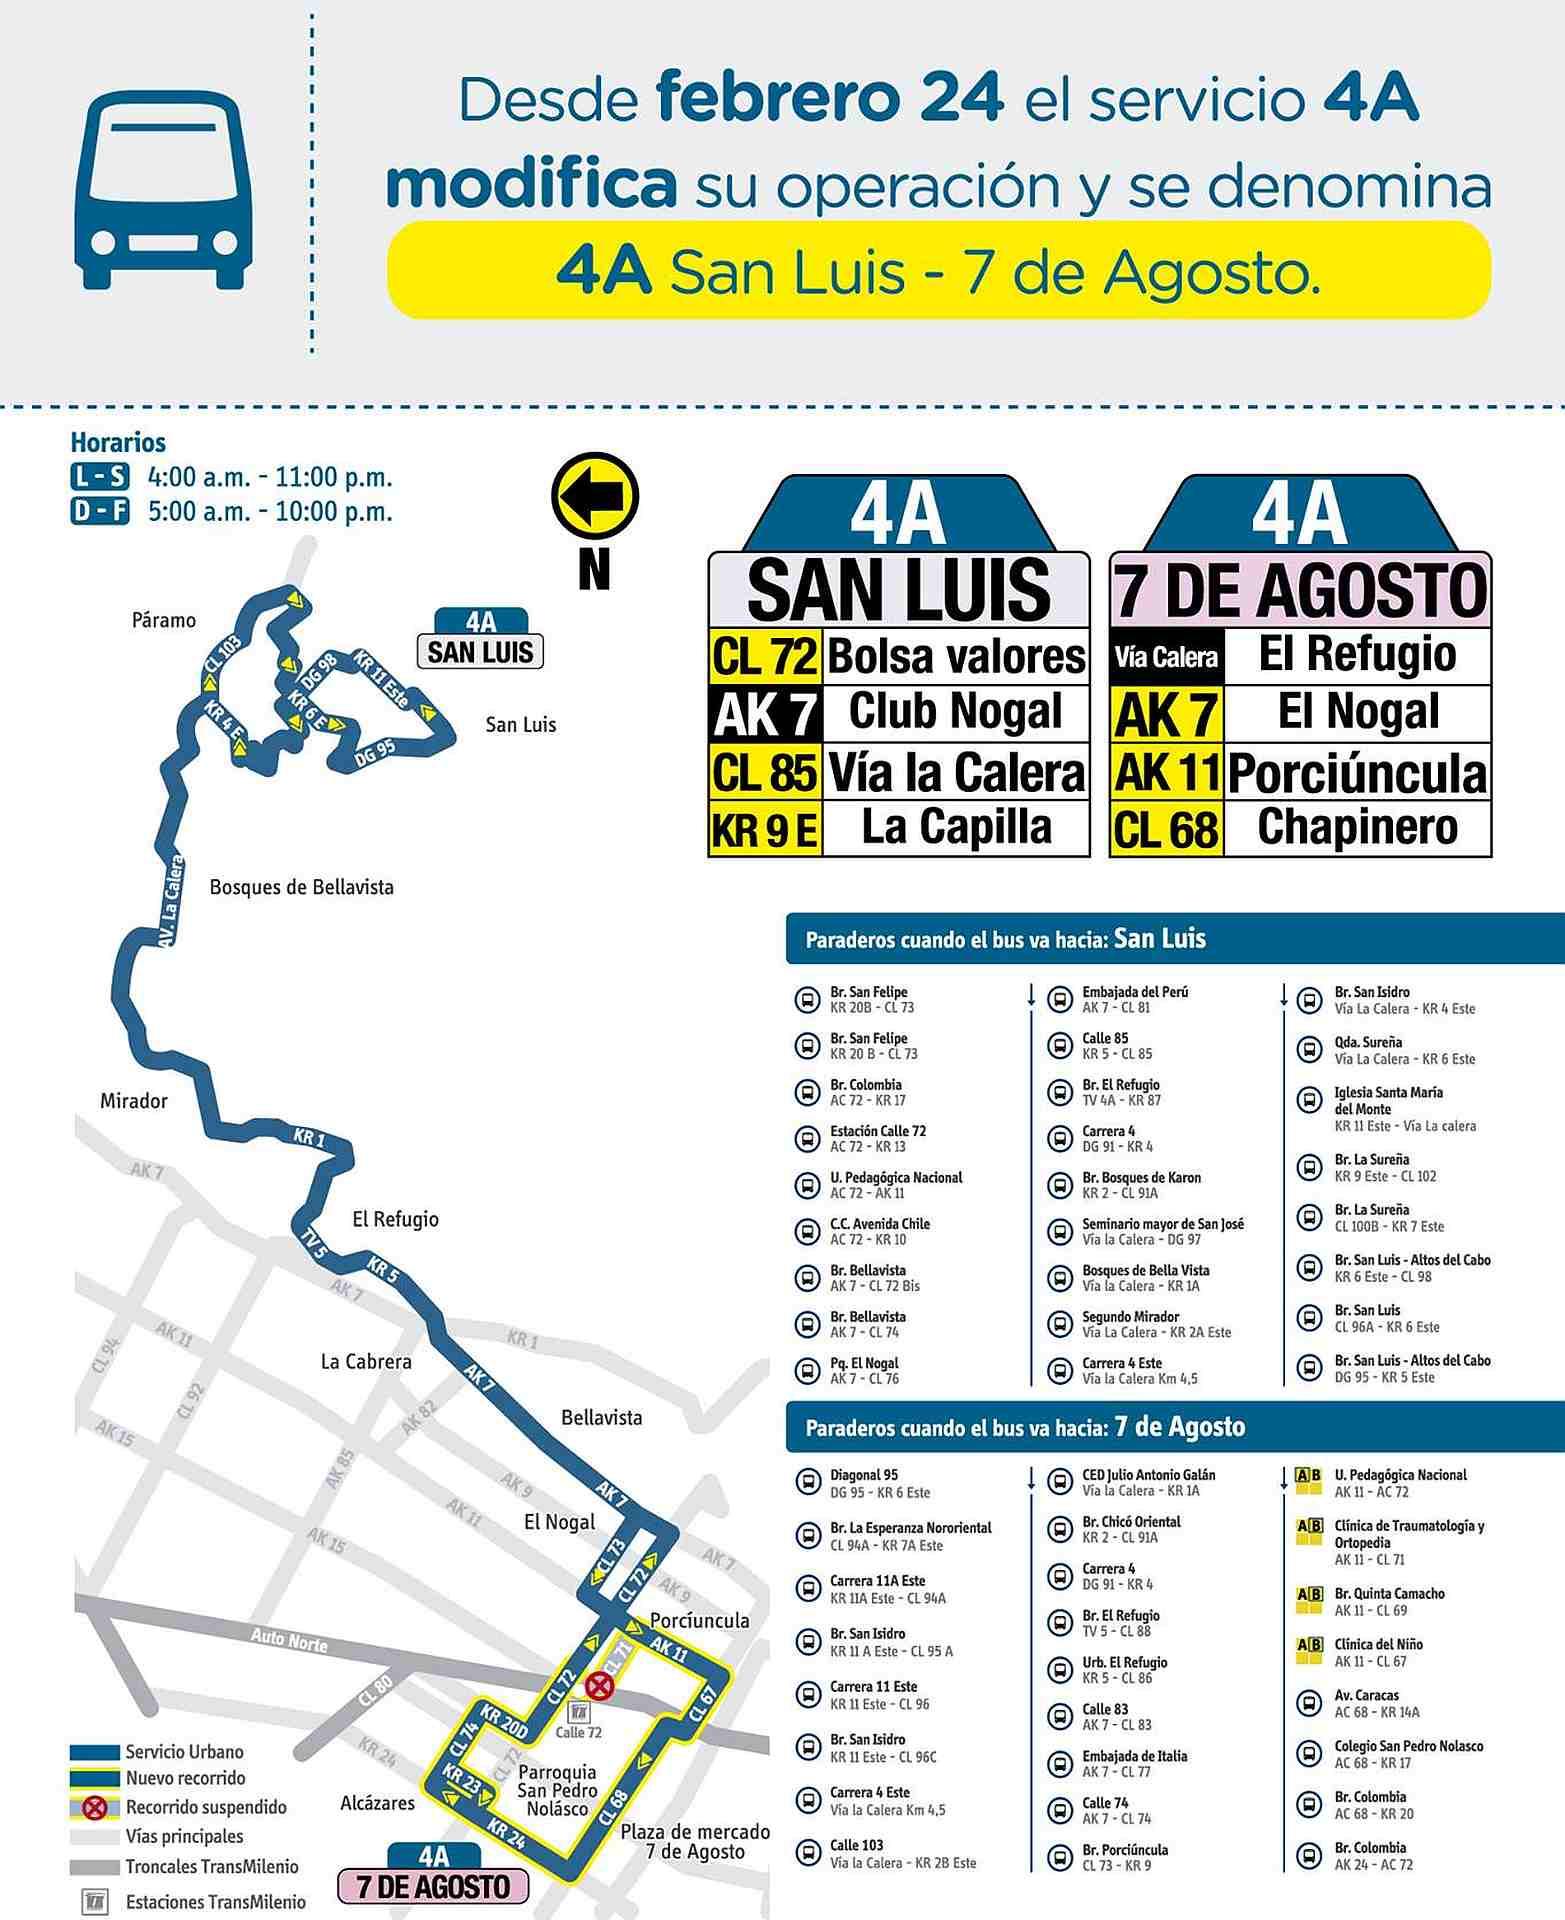 Mapa bus - 4A - San Luis - 7 de Agosto